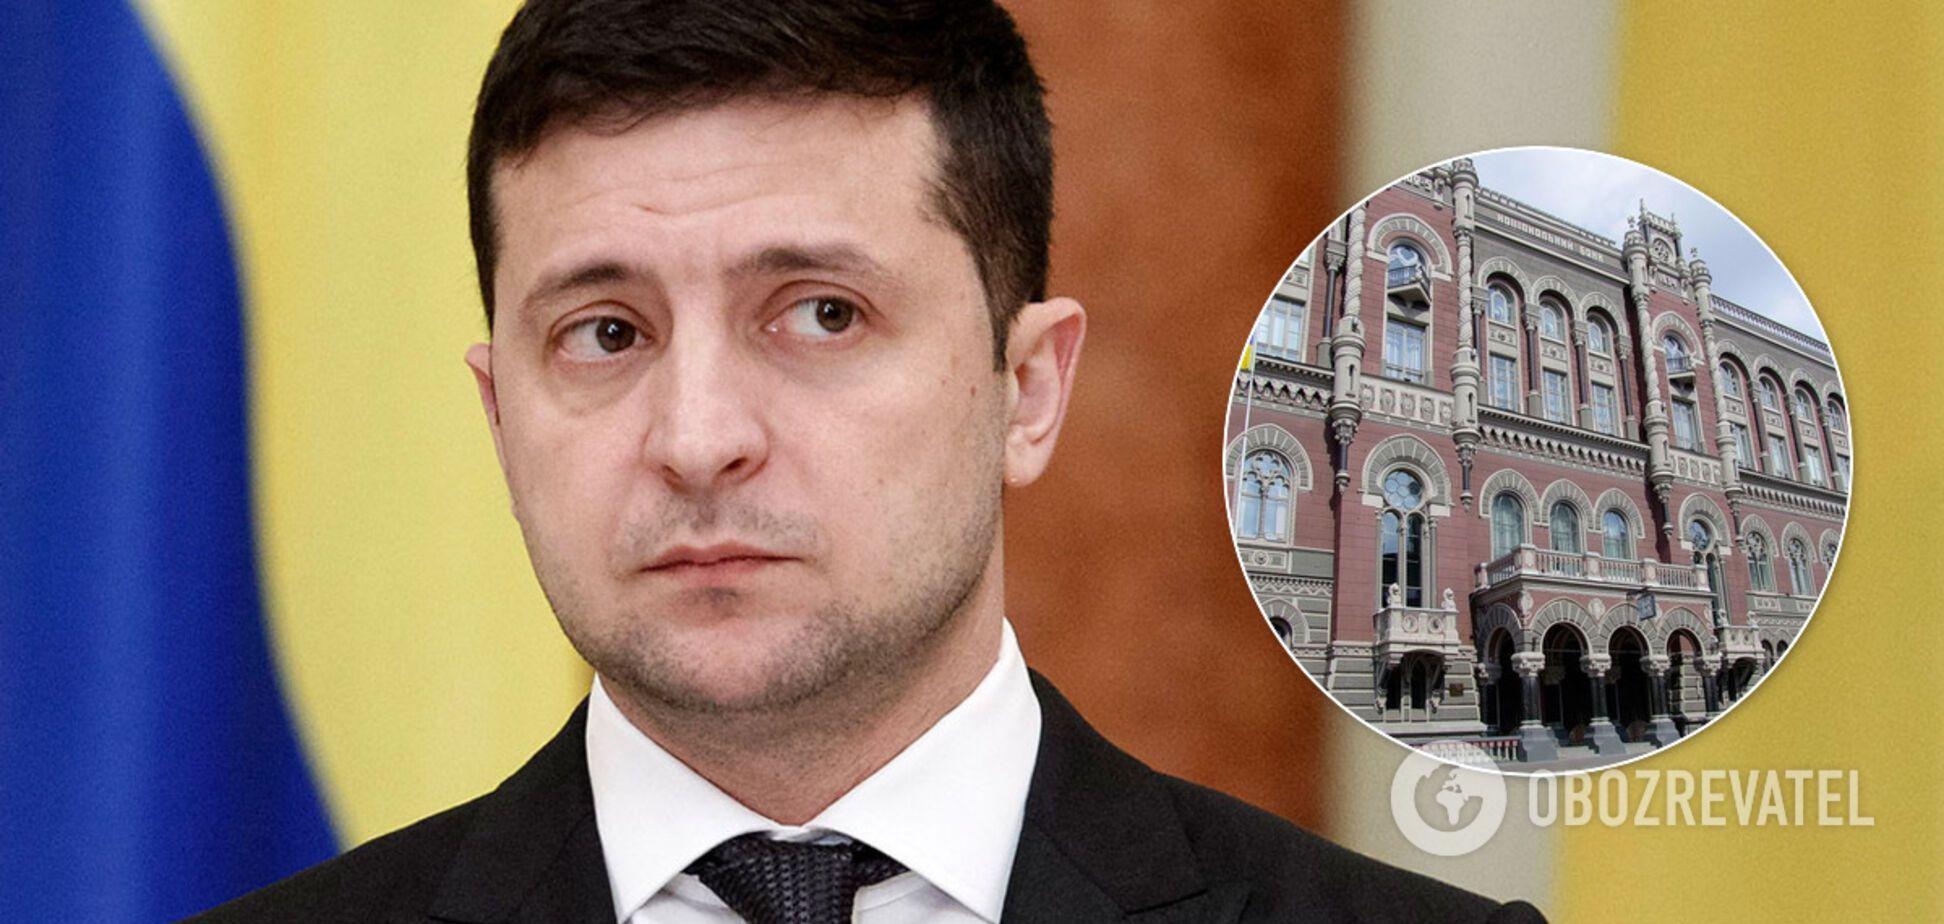 Зеленский обсудил с банкирами кандидатуру на пост главы НБУ